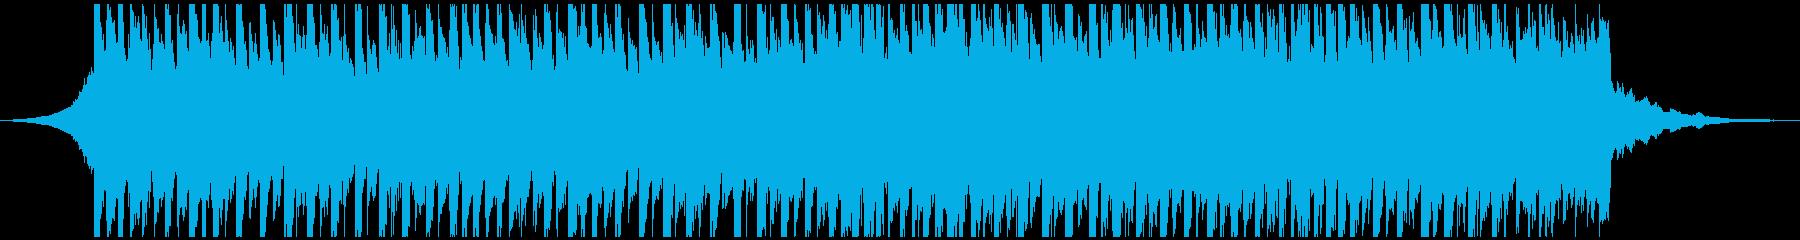 コーポレートテック(40秒)の再生済みの波形